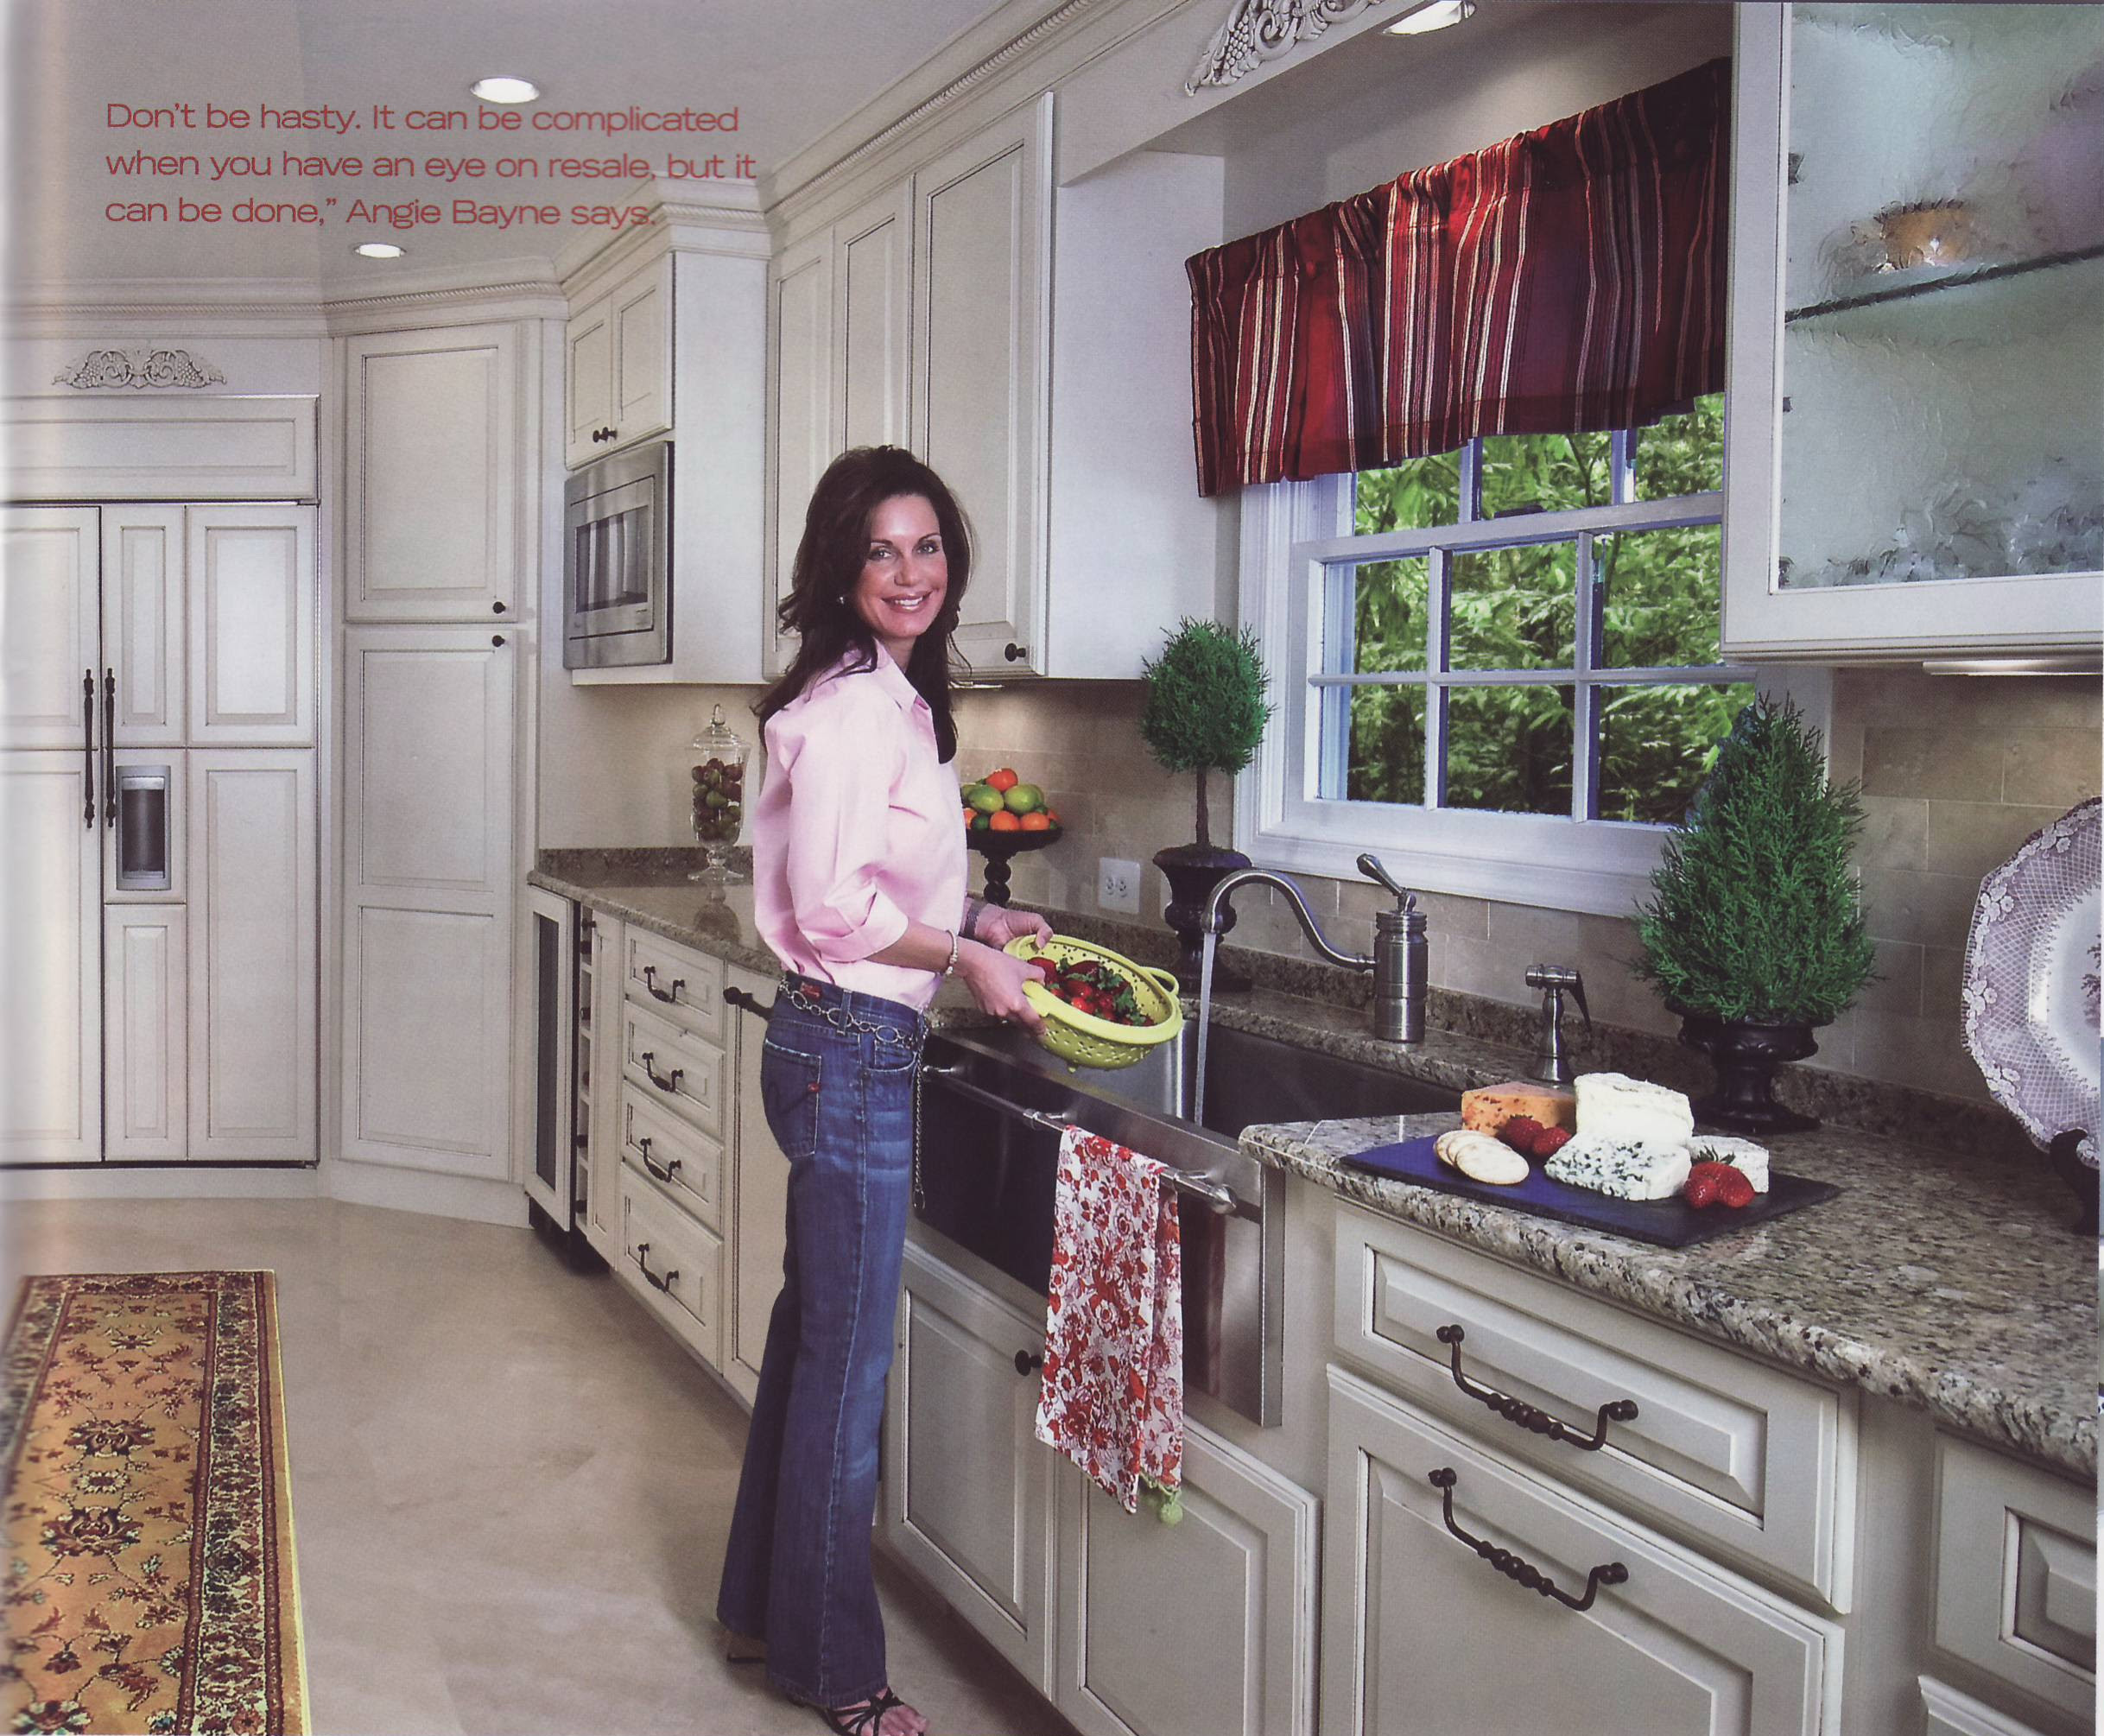 Best Kitchen Gallery: High End Kitchen Cabi S Ztil News of High End Custom Kitchen Cabinets on cal-ite.com